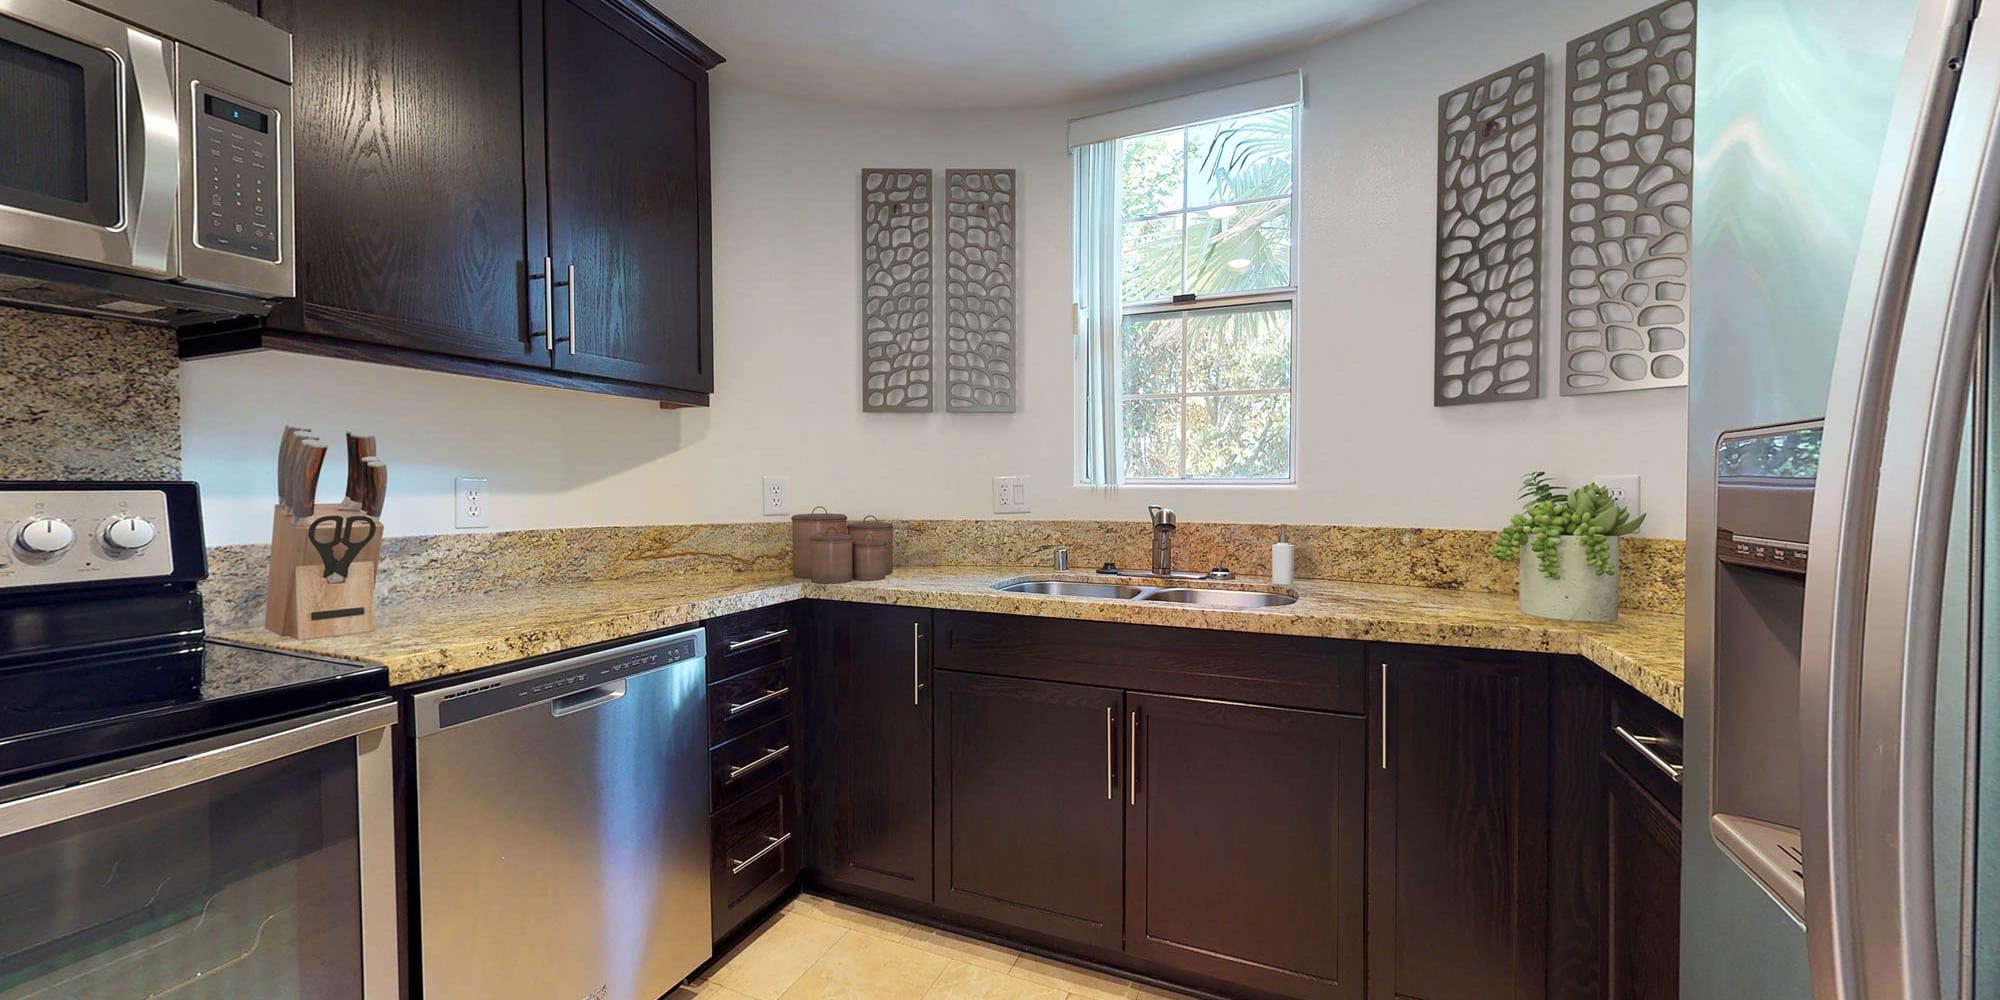 Granite countertops and espresso wood cabinetry in a model apartment's kitchen at L'Estancia in Studio City, California